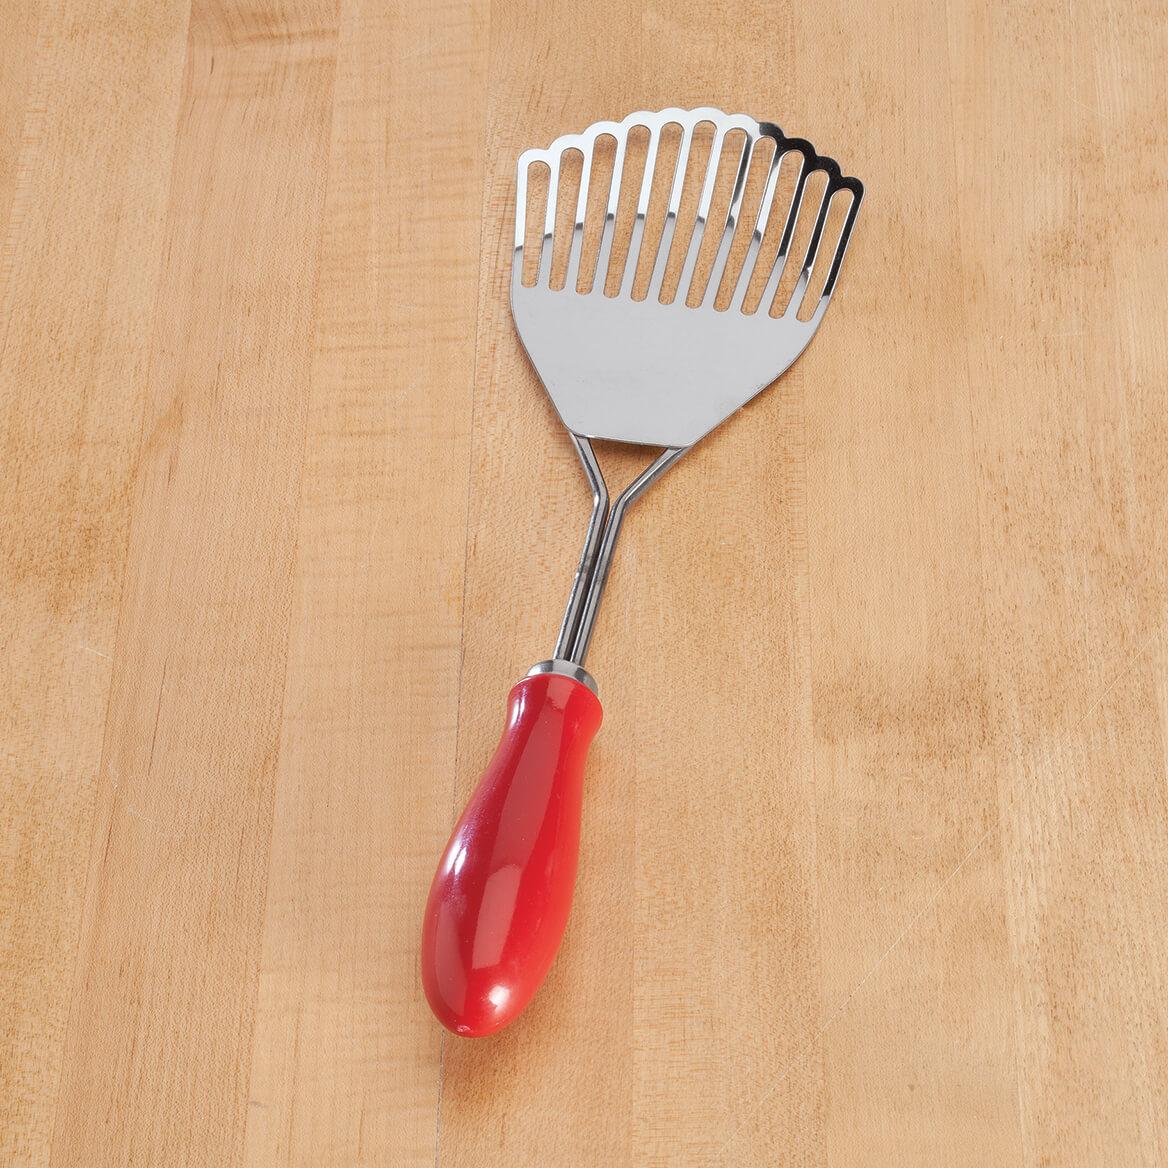 Vintage Slotted Spatula-Spoon-370403